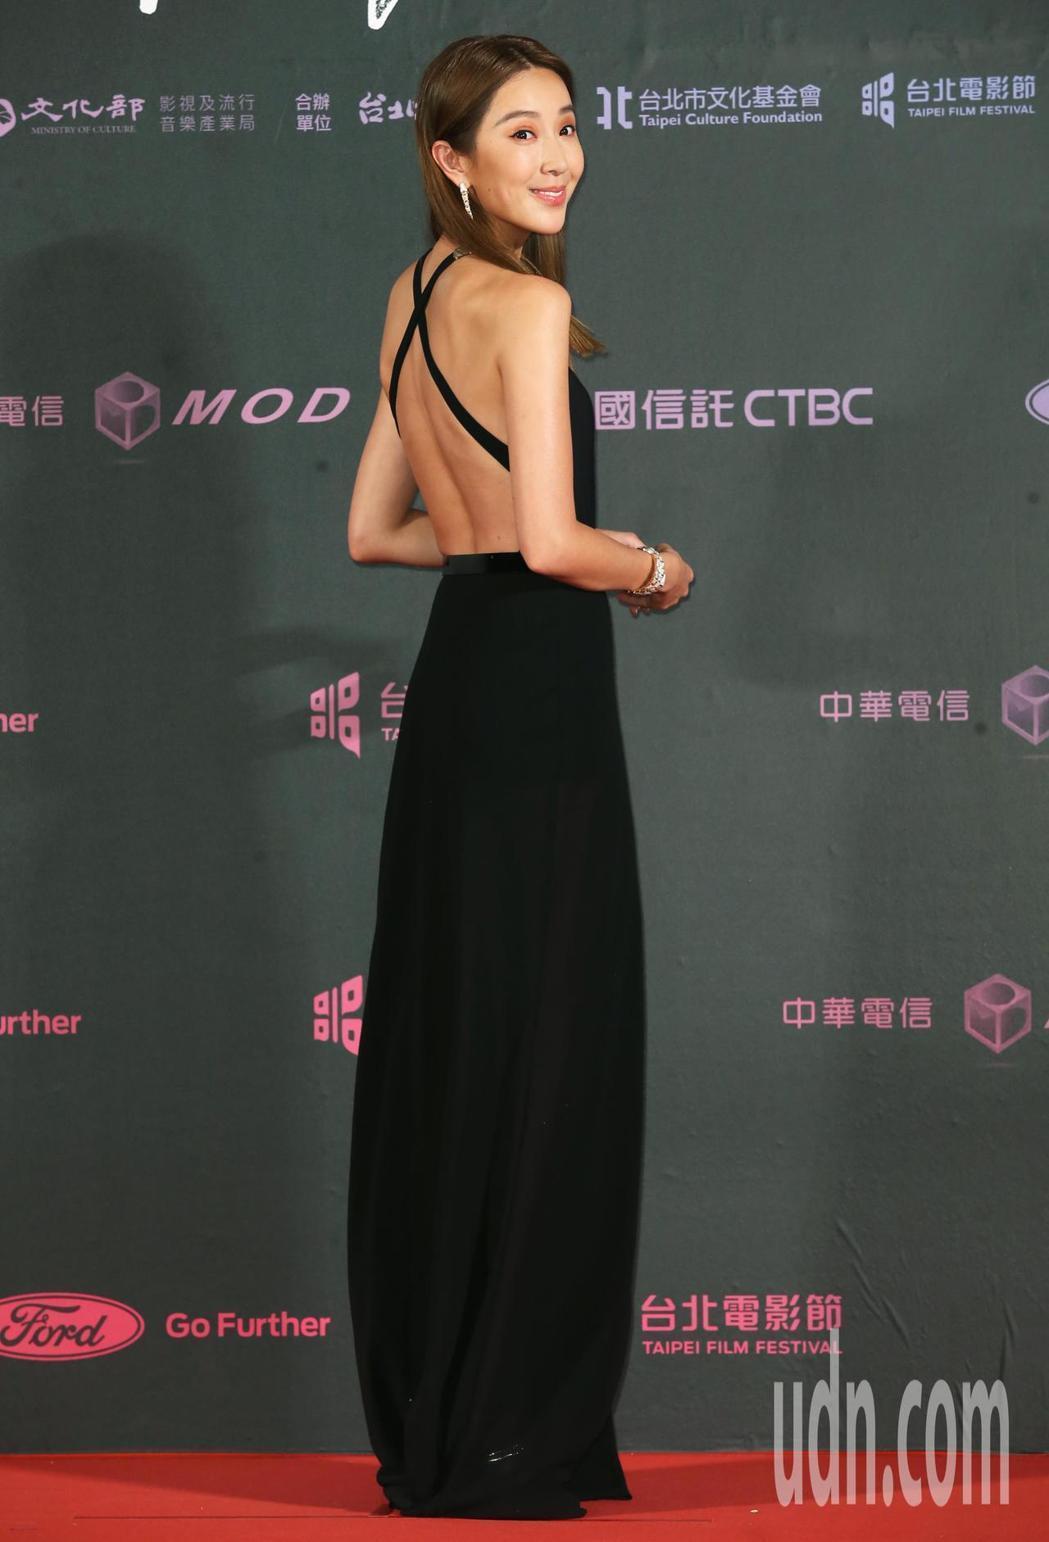 隋棠擔任2019台北電影節獎頒獎人秀出美背。記者徐兆玄/攝影